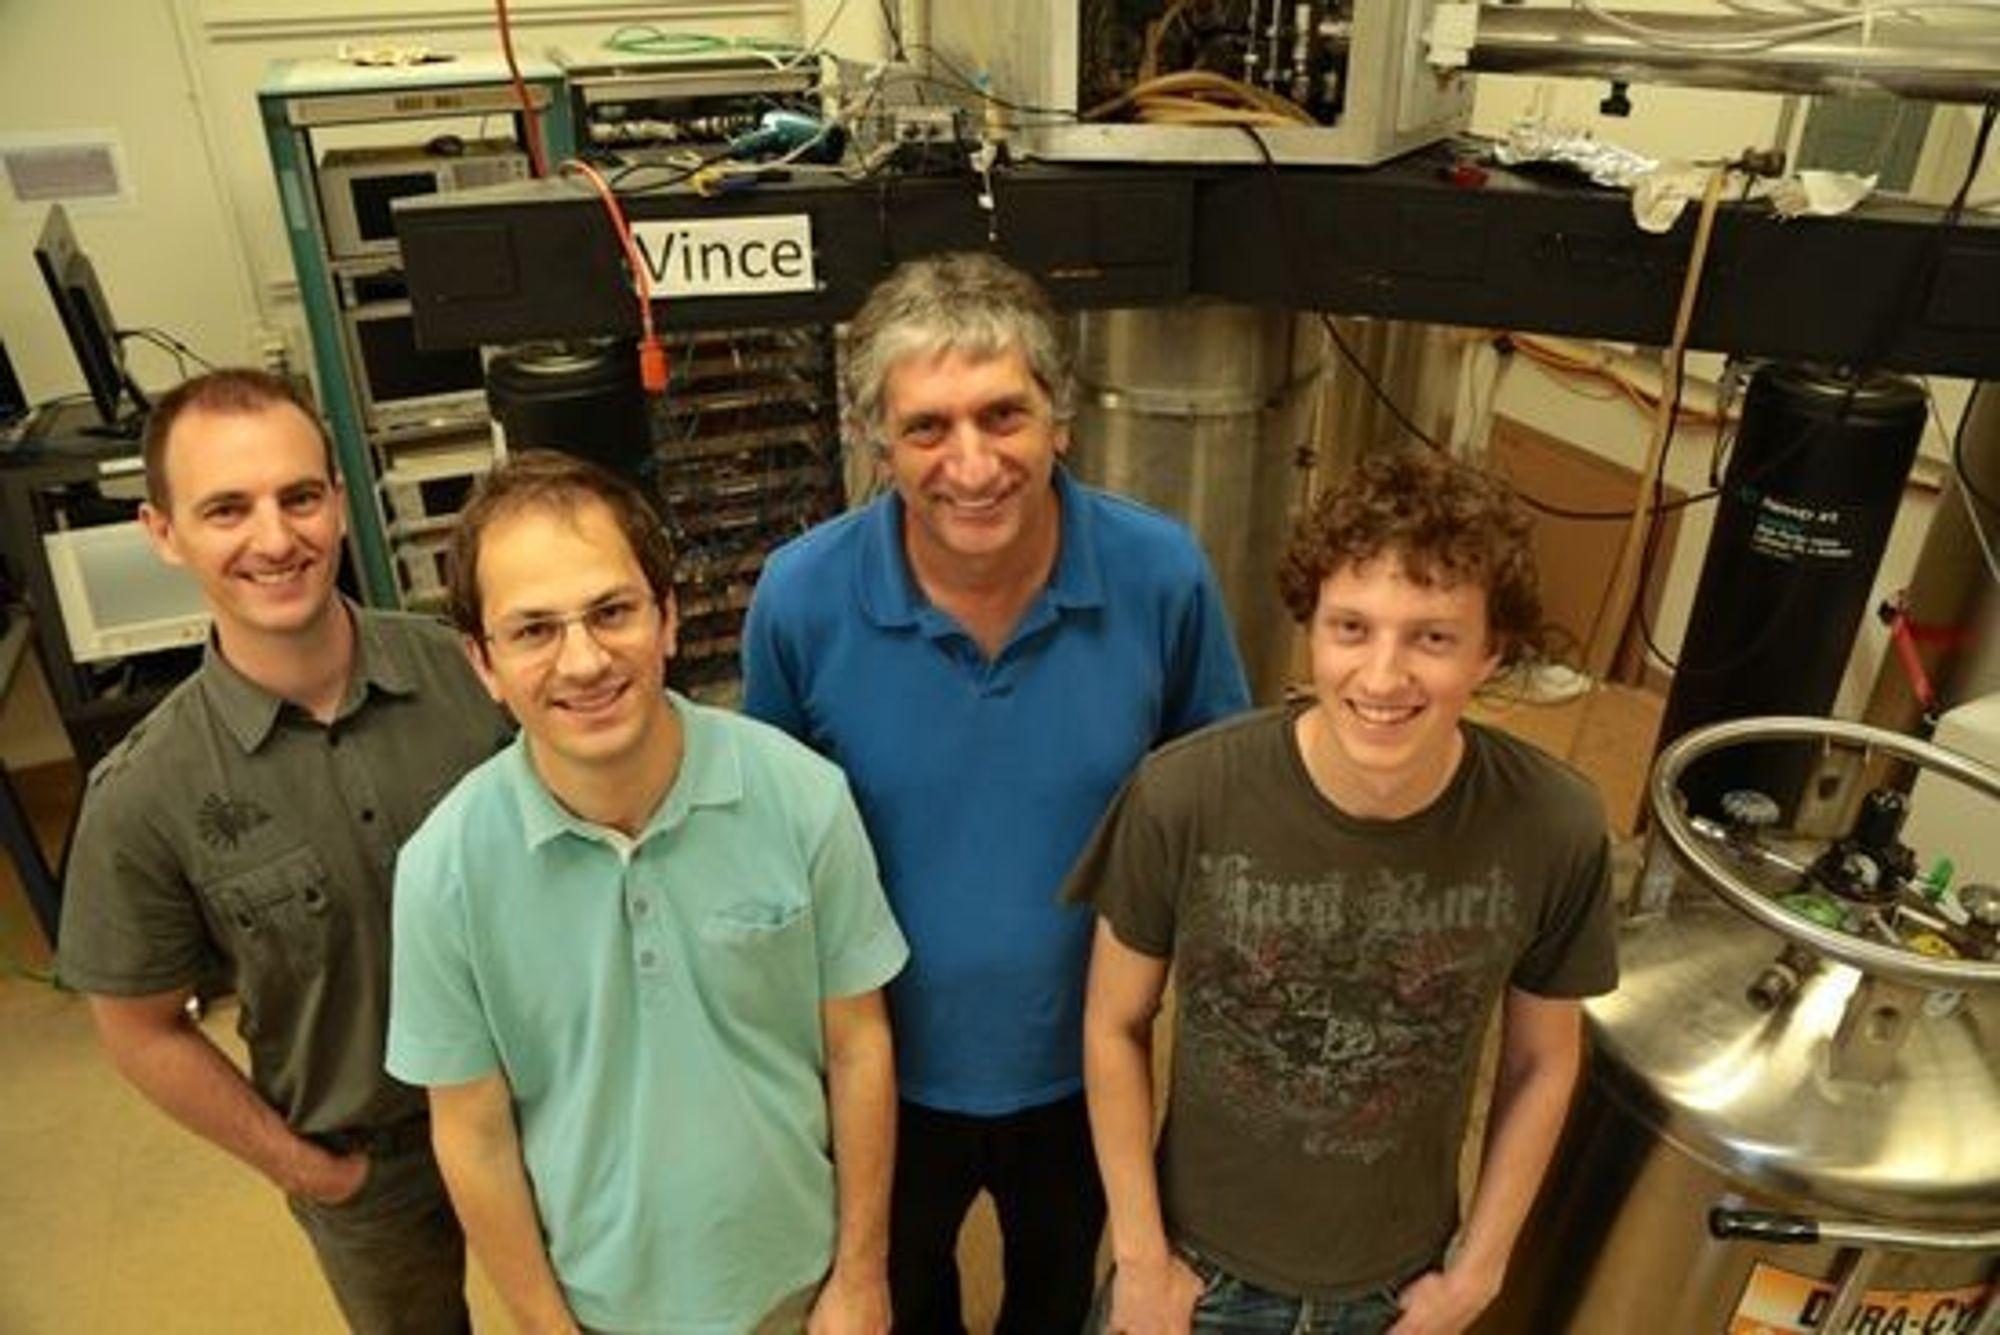 Medlemmmer av kvantedatamaskin-gruppen ved University of California i Santa Barbara. John Martinis er med som nummer to fra høyre.